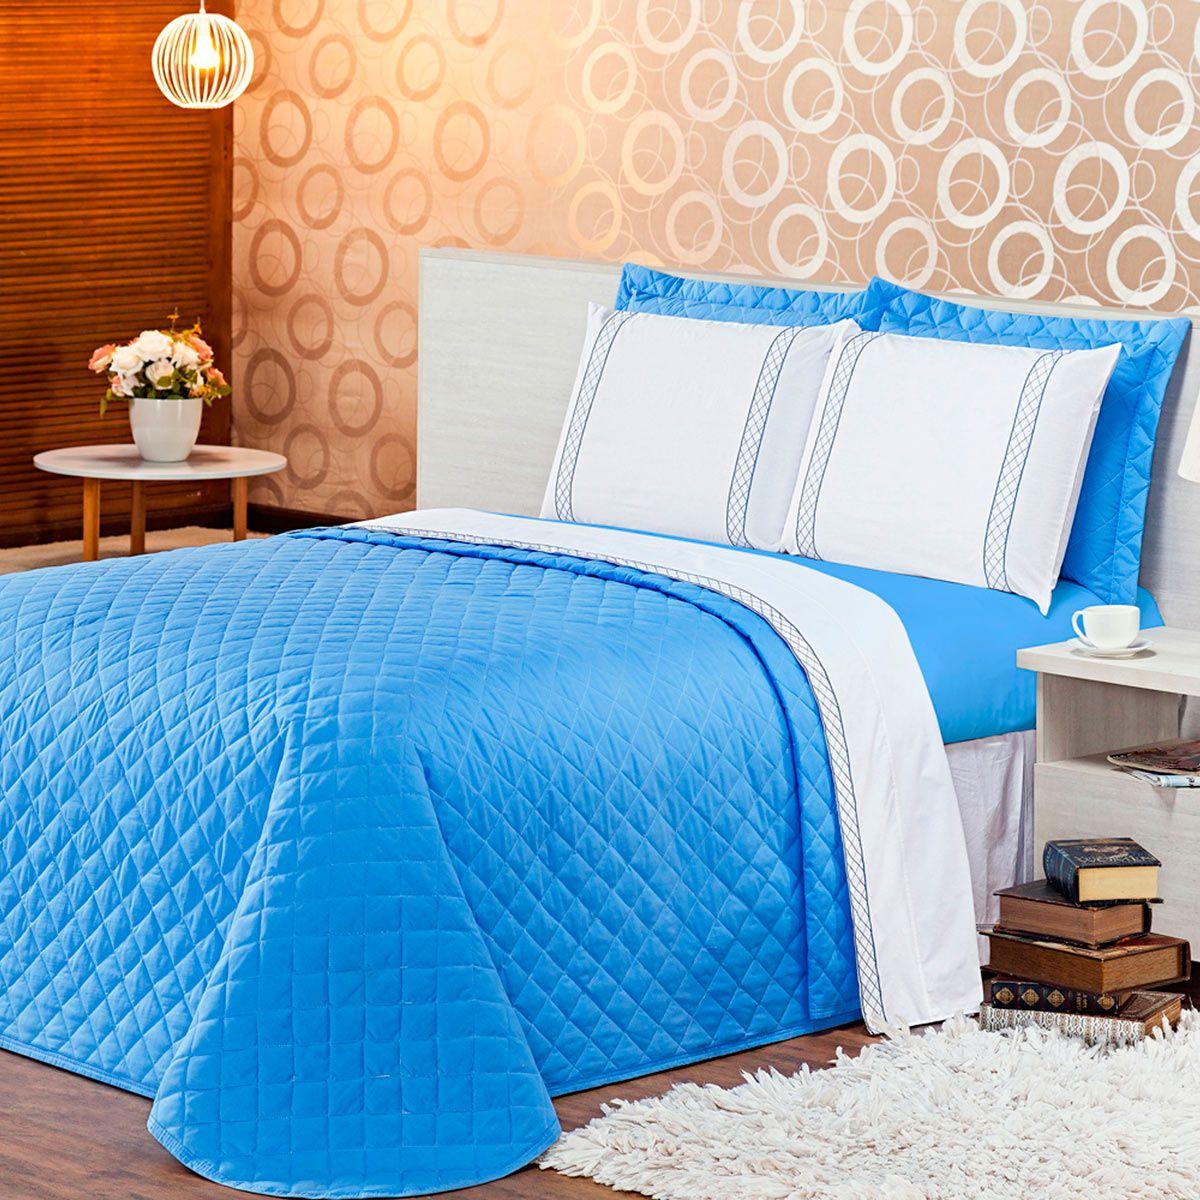 Kit Cobre Leito Casualle Azul Queen 03 Peças - Tecido Percal 180 Fios